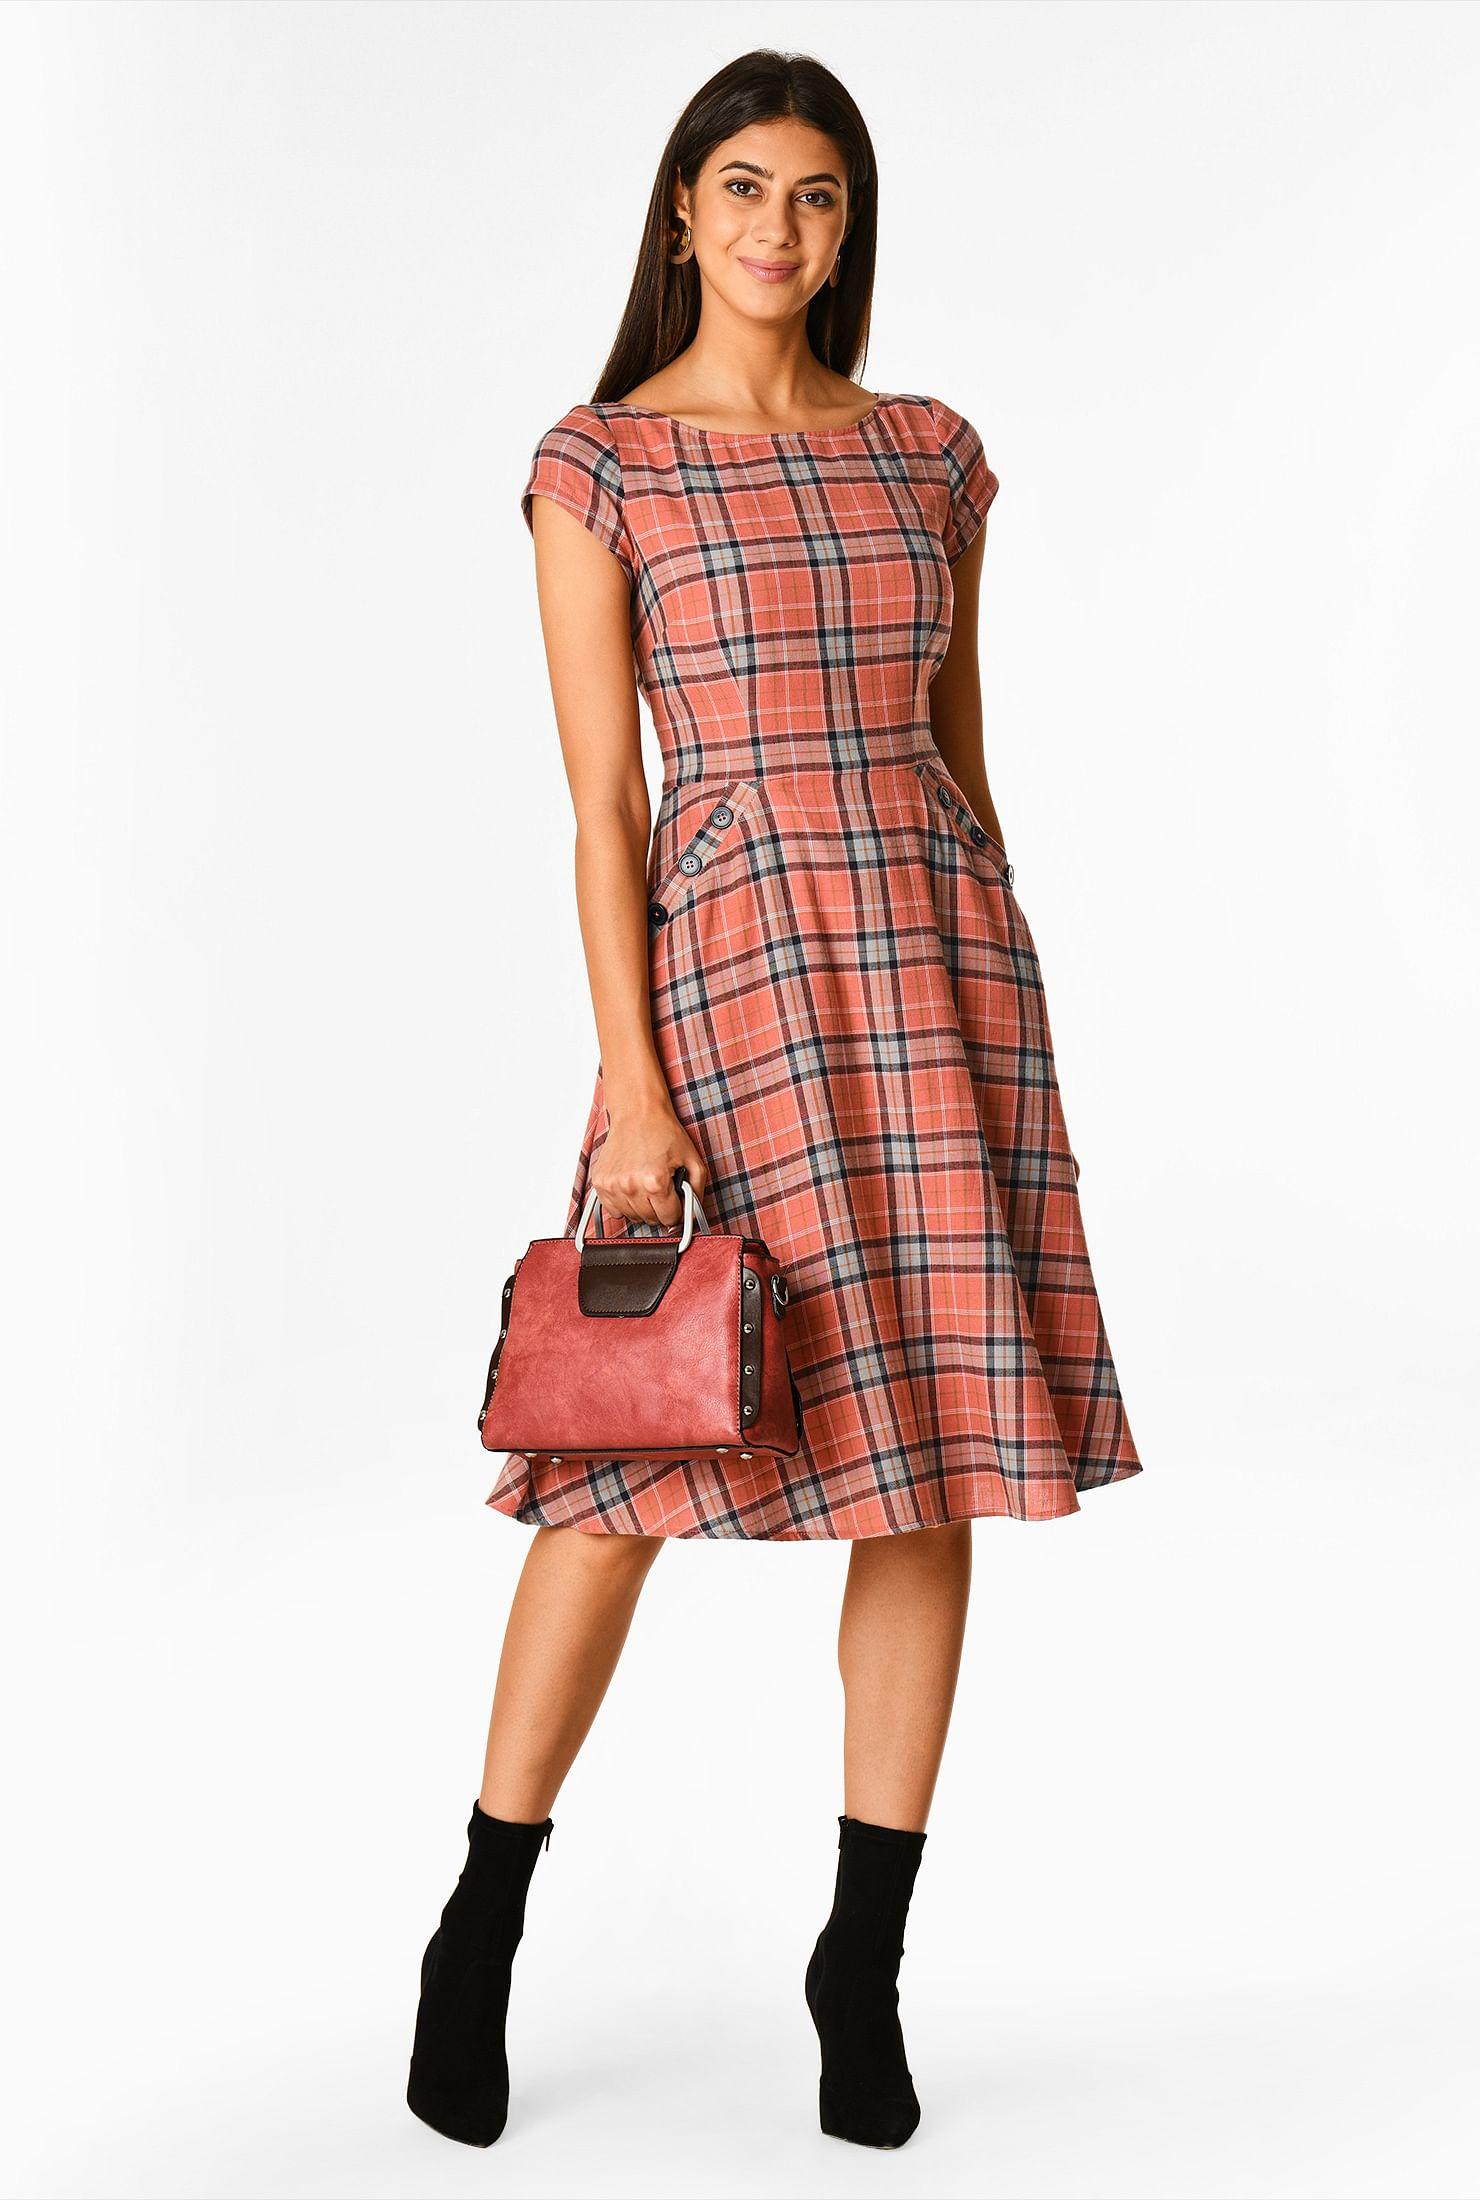 Large button pocket plaid dress